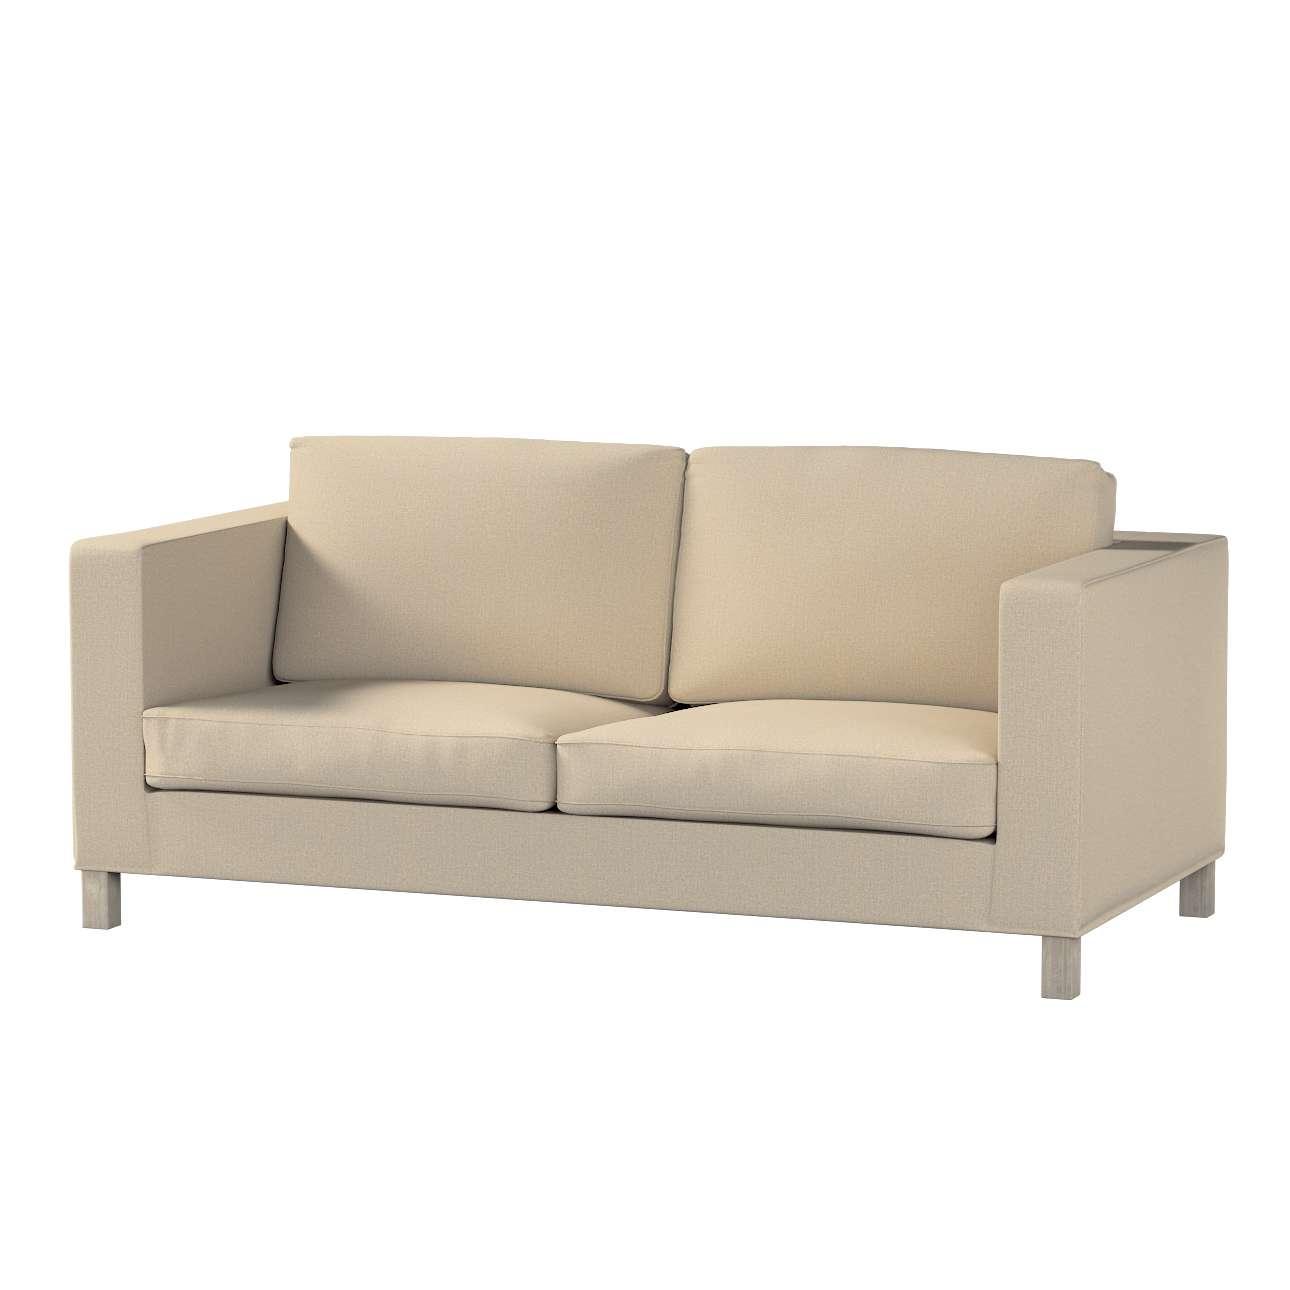 KARLANDA sofos lovos užvalkalas KARLANDA sofos lovos užvalkalas kolekcijoje Edinburgh , audinys: 115-78